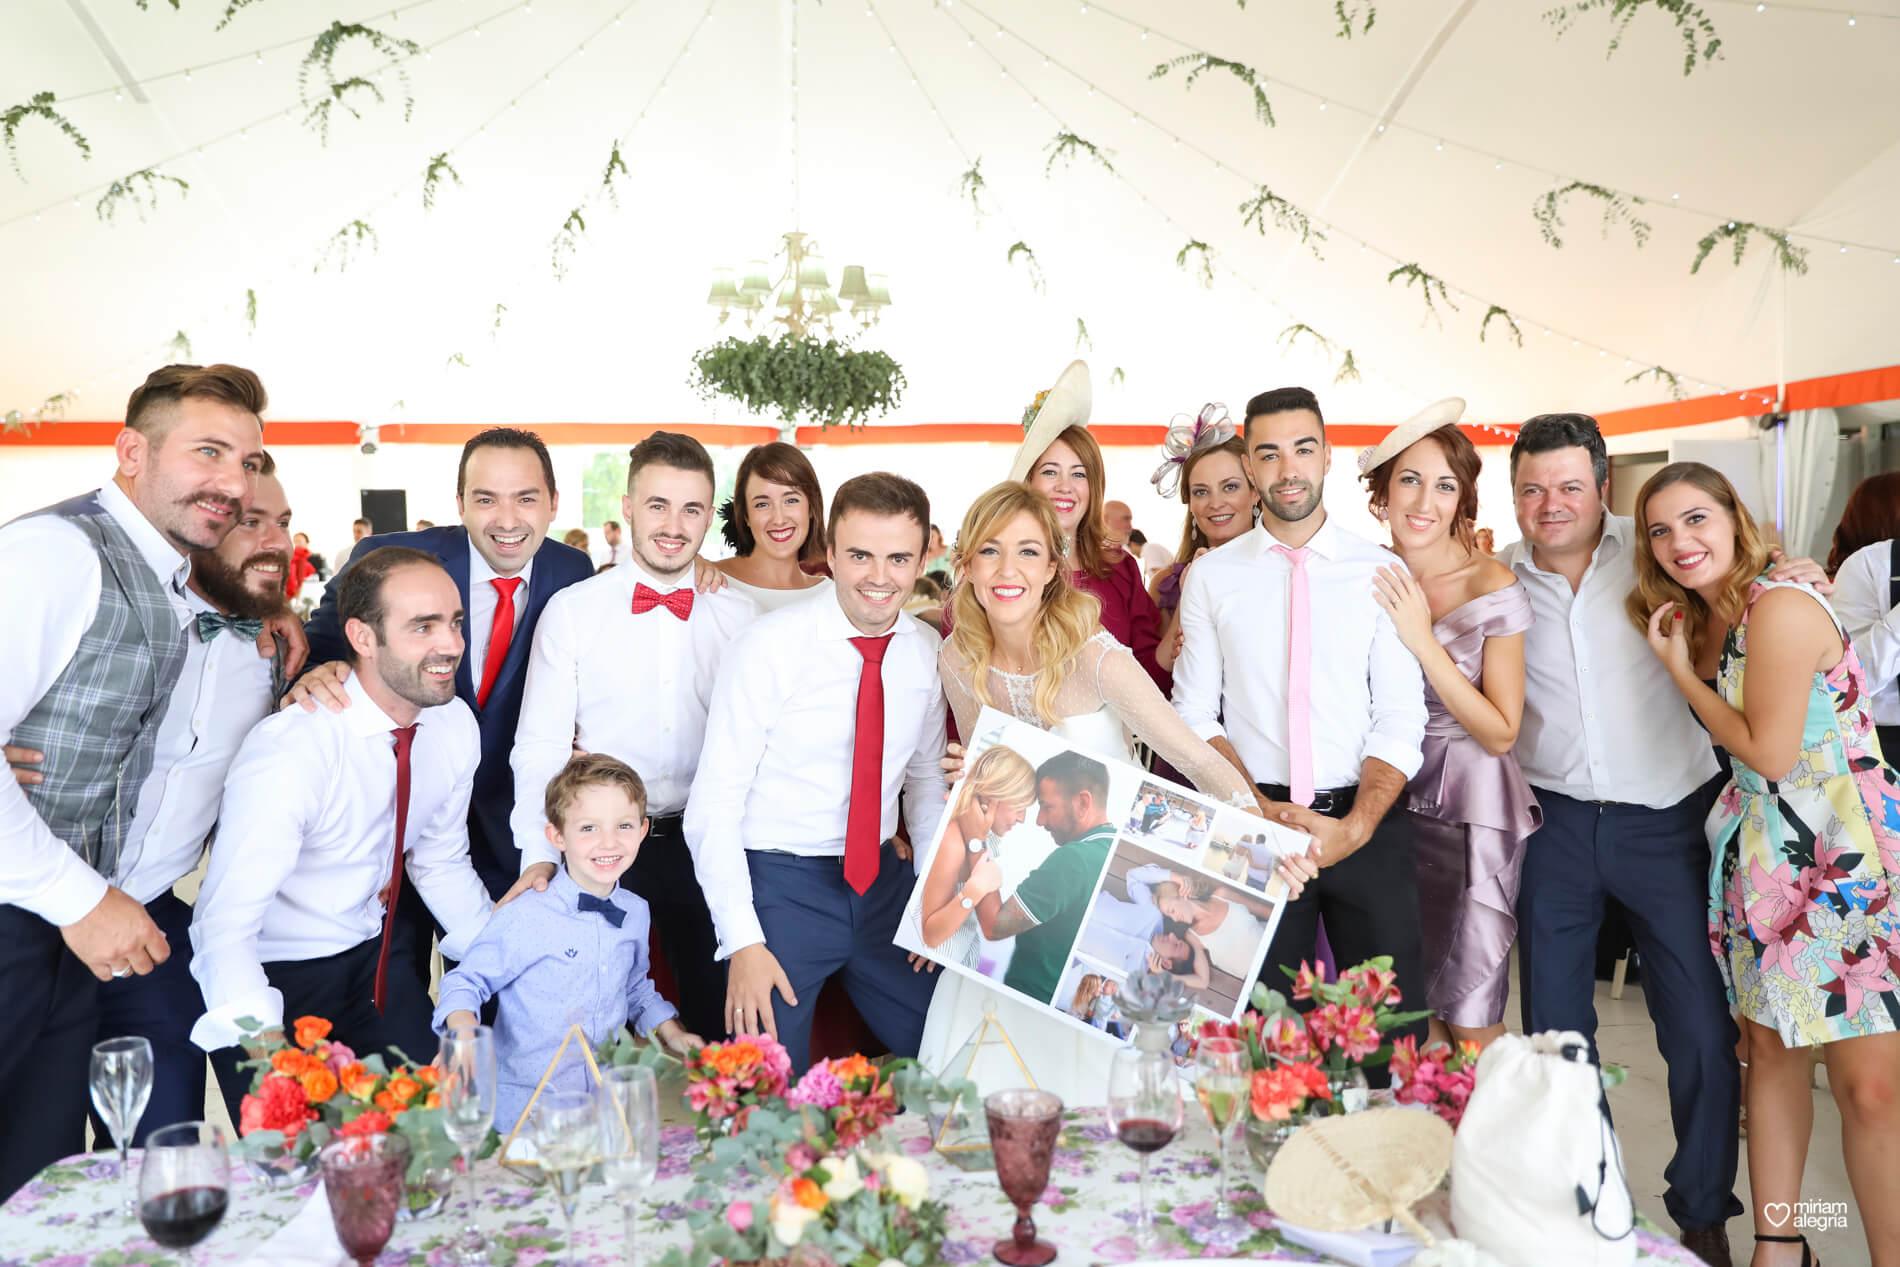 boda-en-finca-villa-vera-de-alemc7-miriam-alegria-fotografos-boda-murcia-180